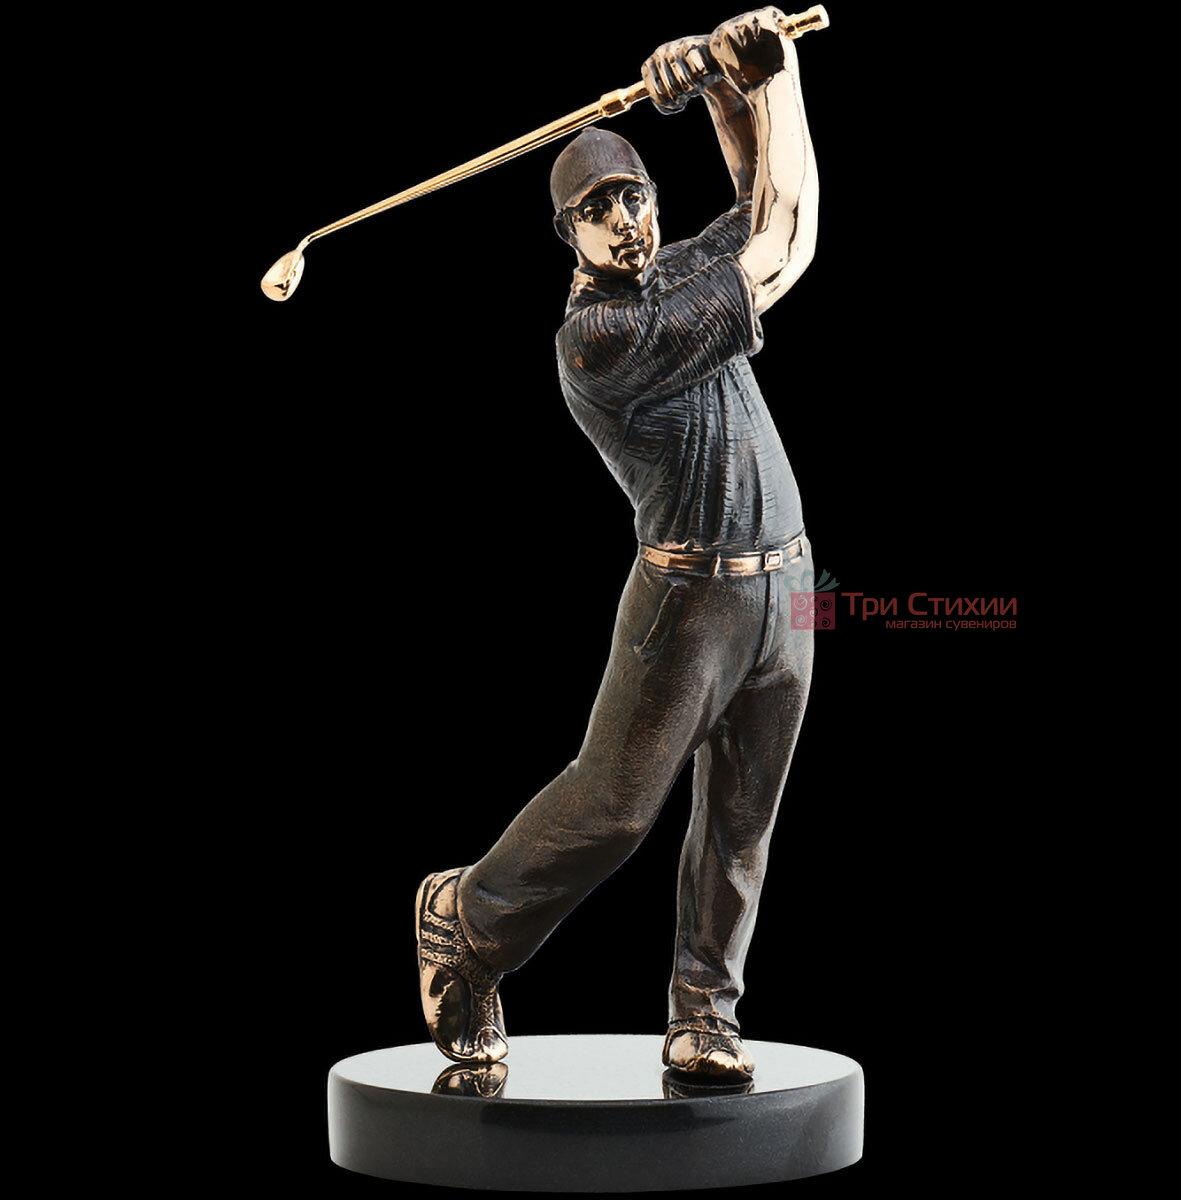 Статуетка з бронзи Гравець в гольф Vizuri (Візурі) S01, фото 3